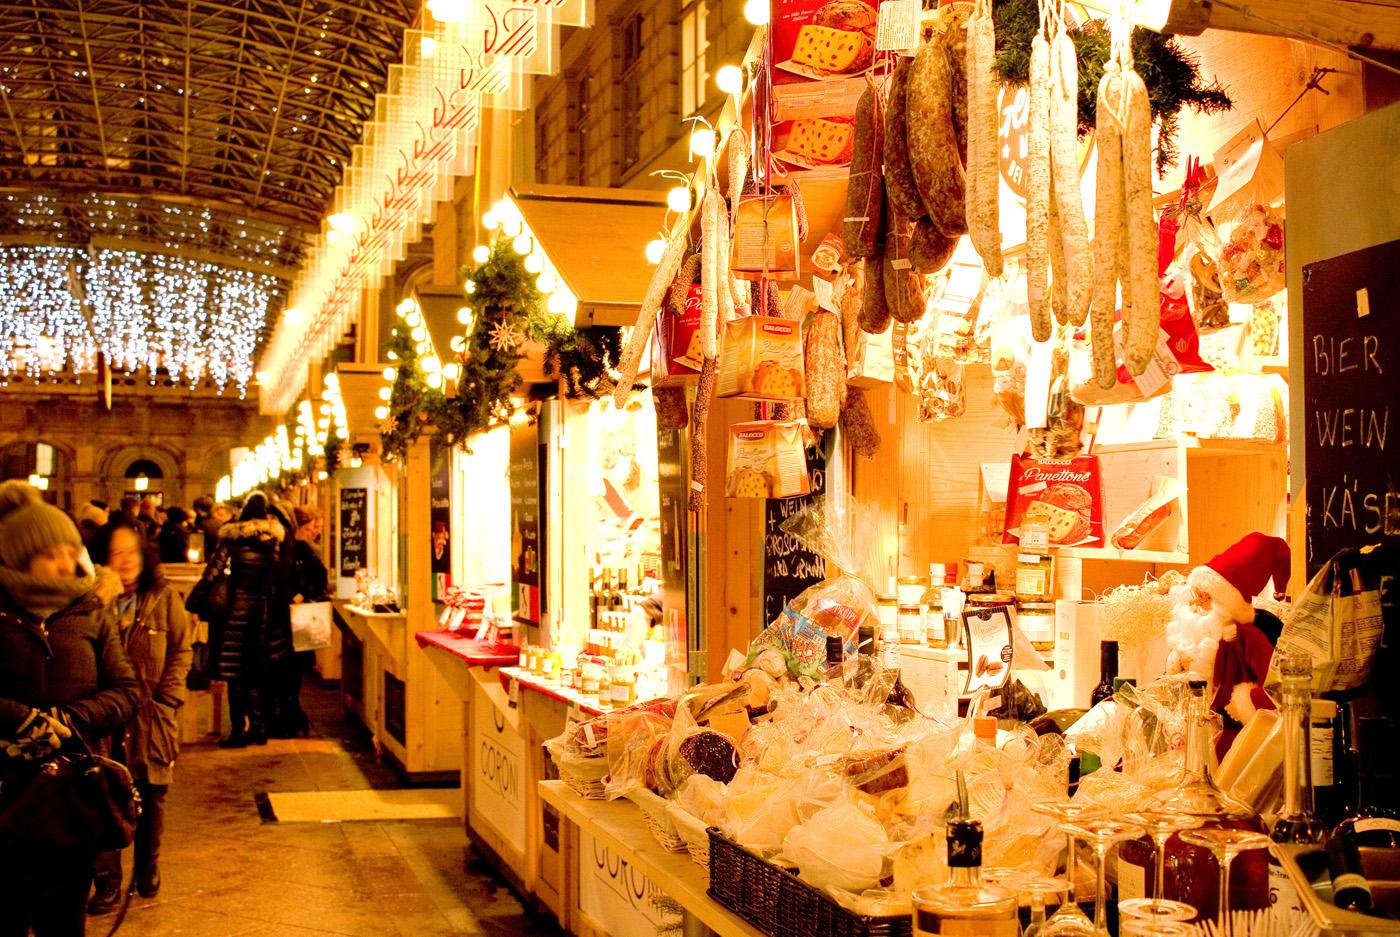 Adventgenussmarkt bei der Wiener Staatsoper